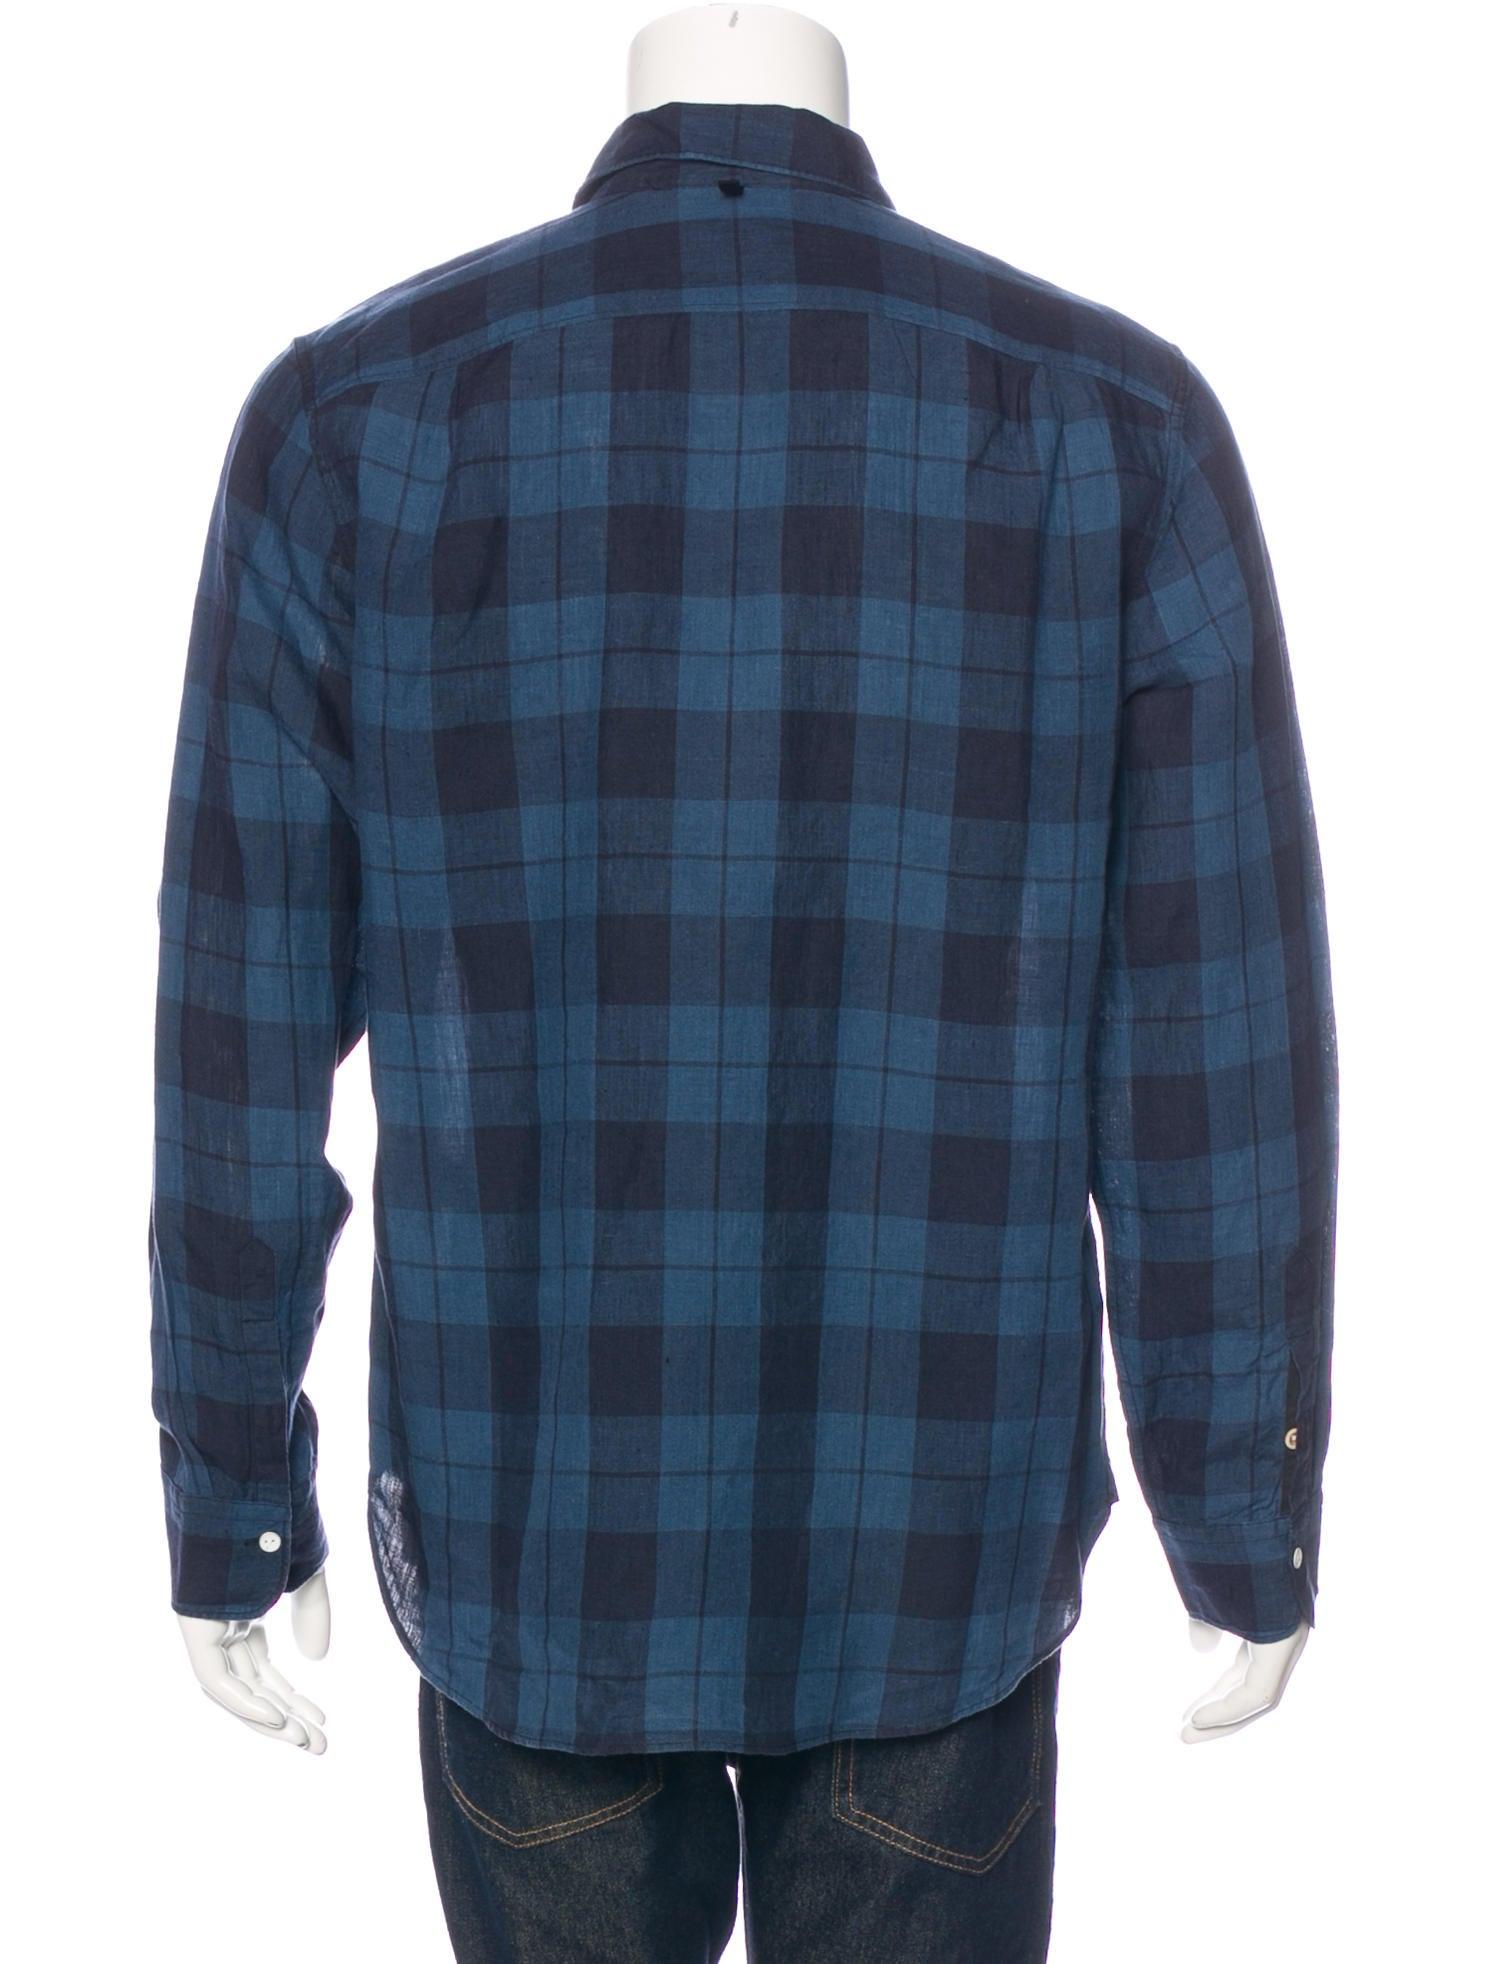 Rag bone plaid linen shirt clothing wragb68112 the for Rag and bone mens shirts sale